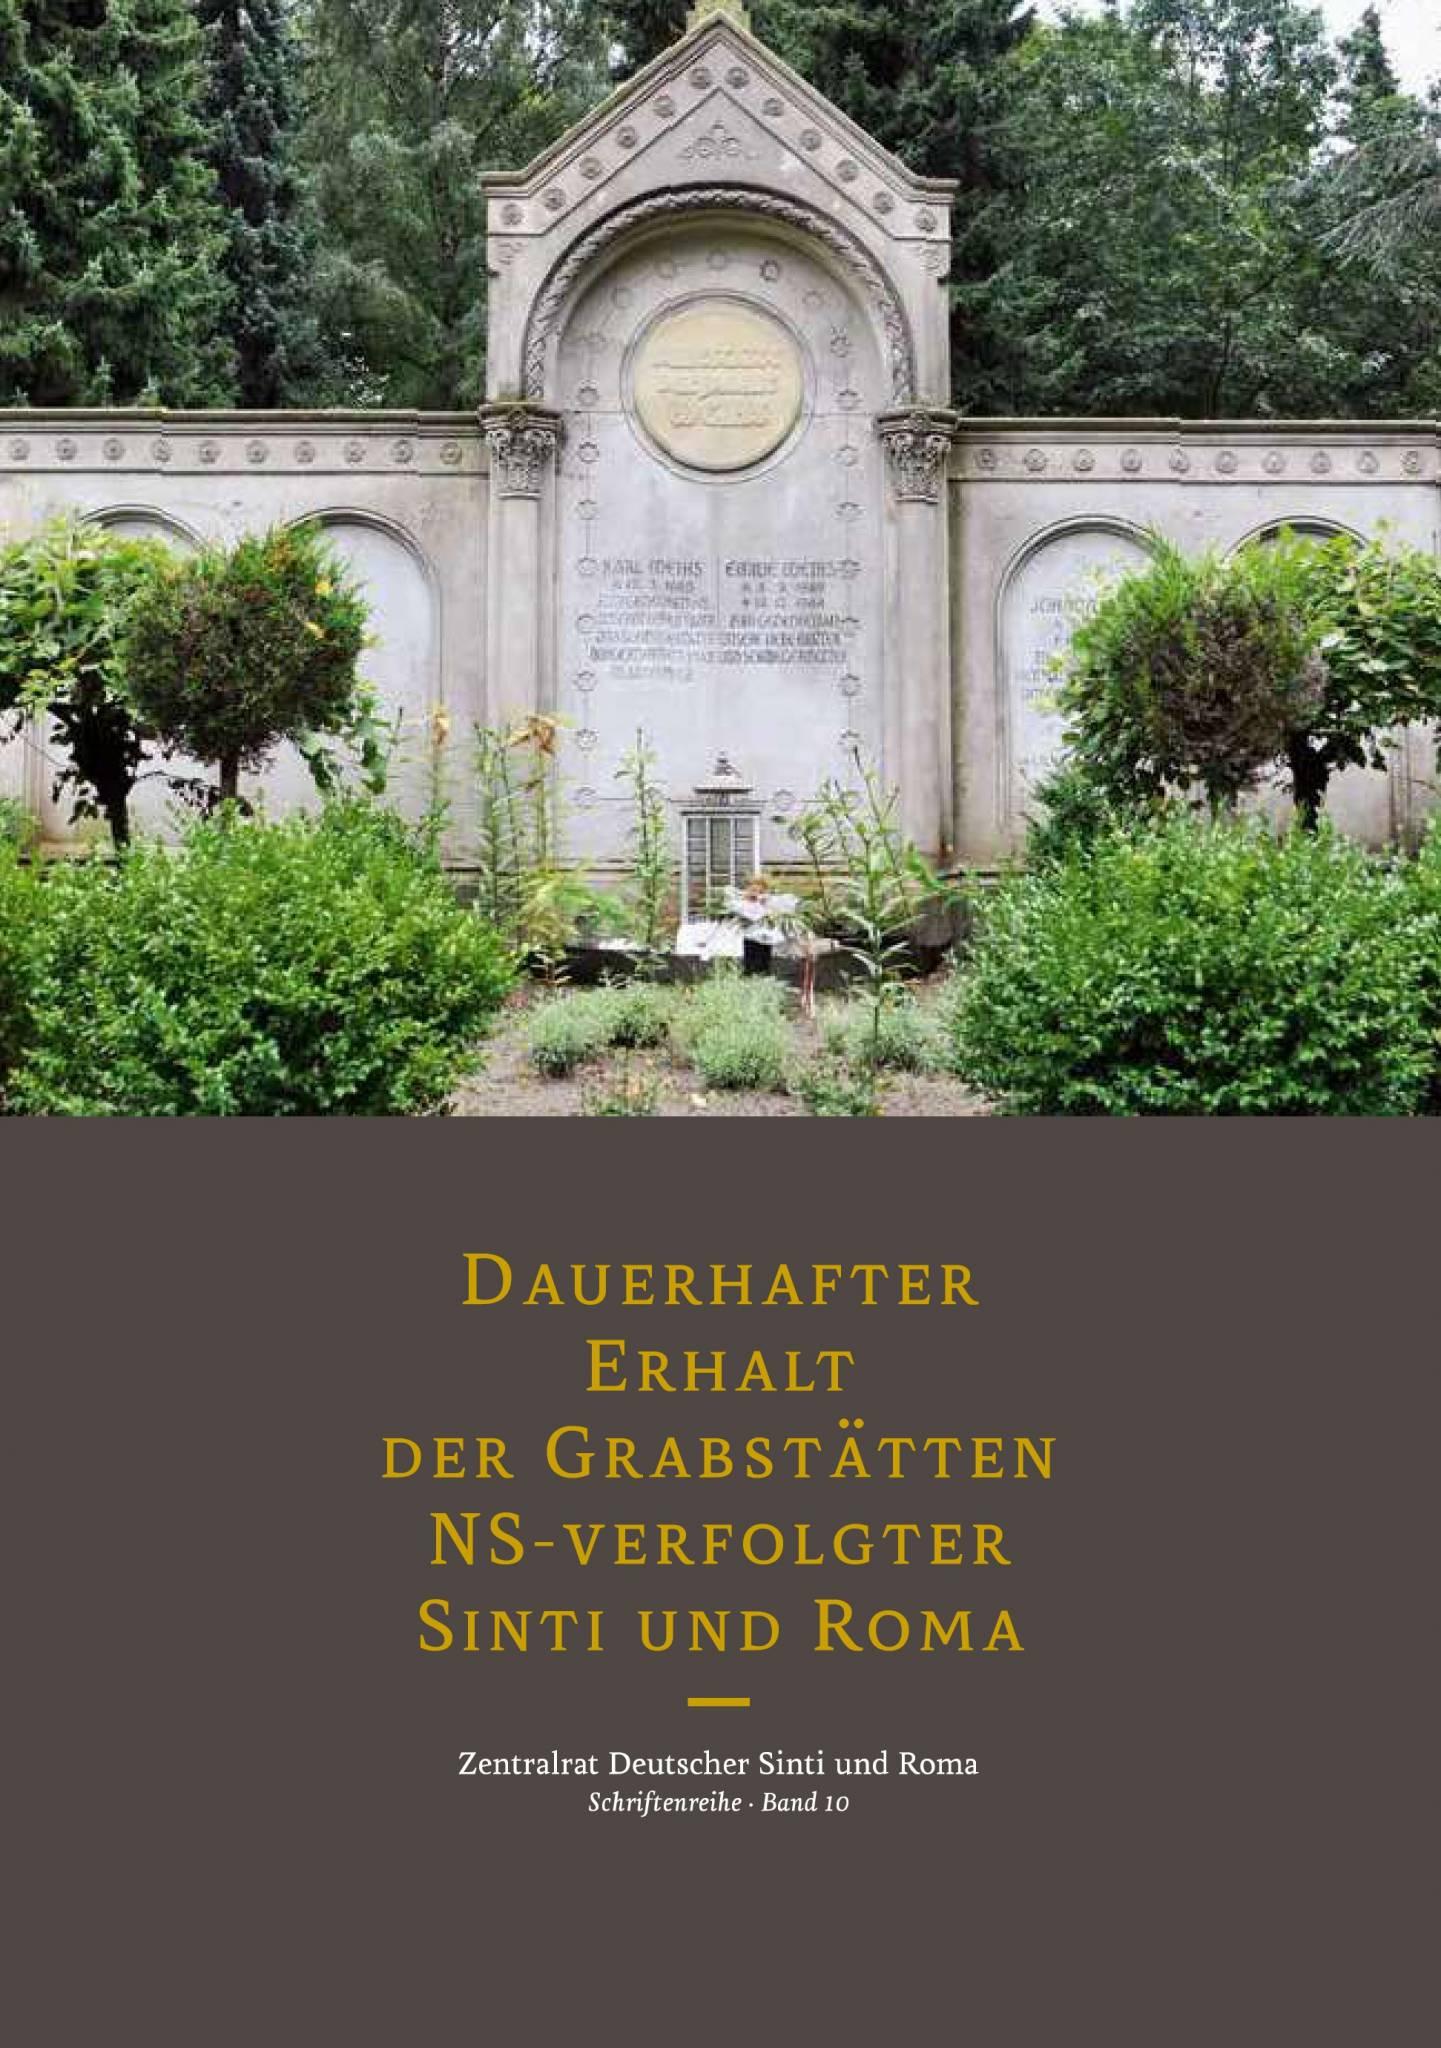 Dauerhafter Erhalt der Grabstätten NS-verfolgter Sinti und Roma ...